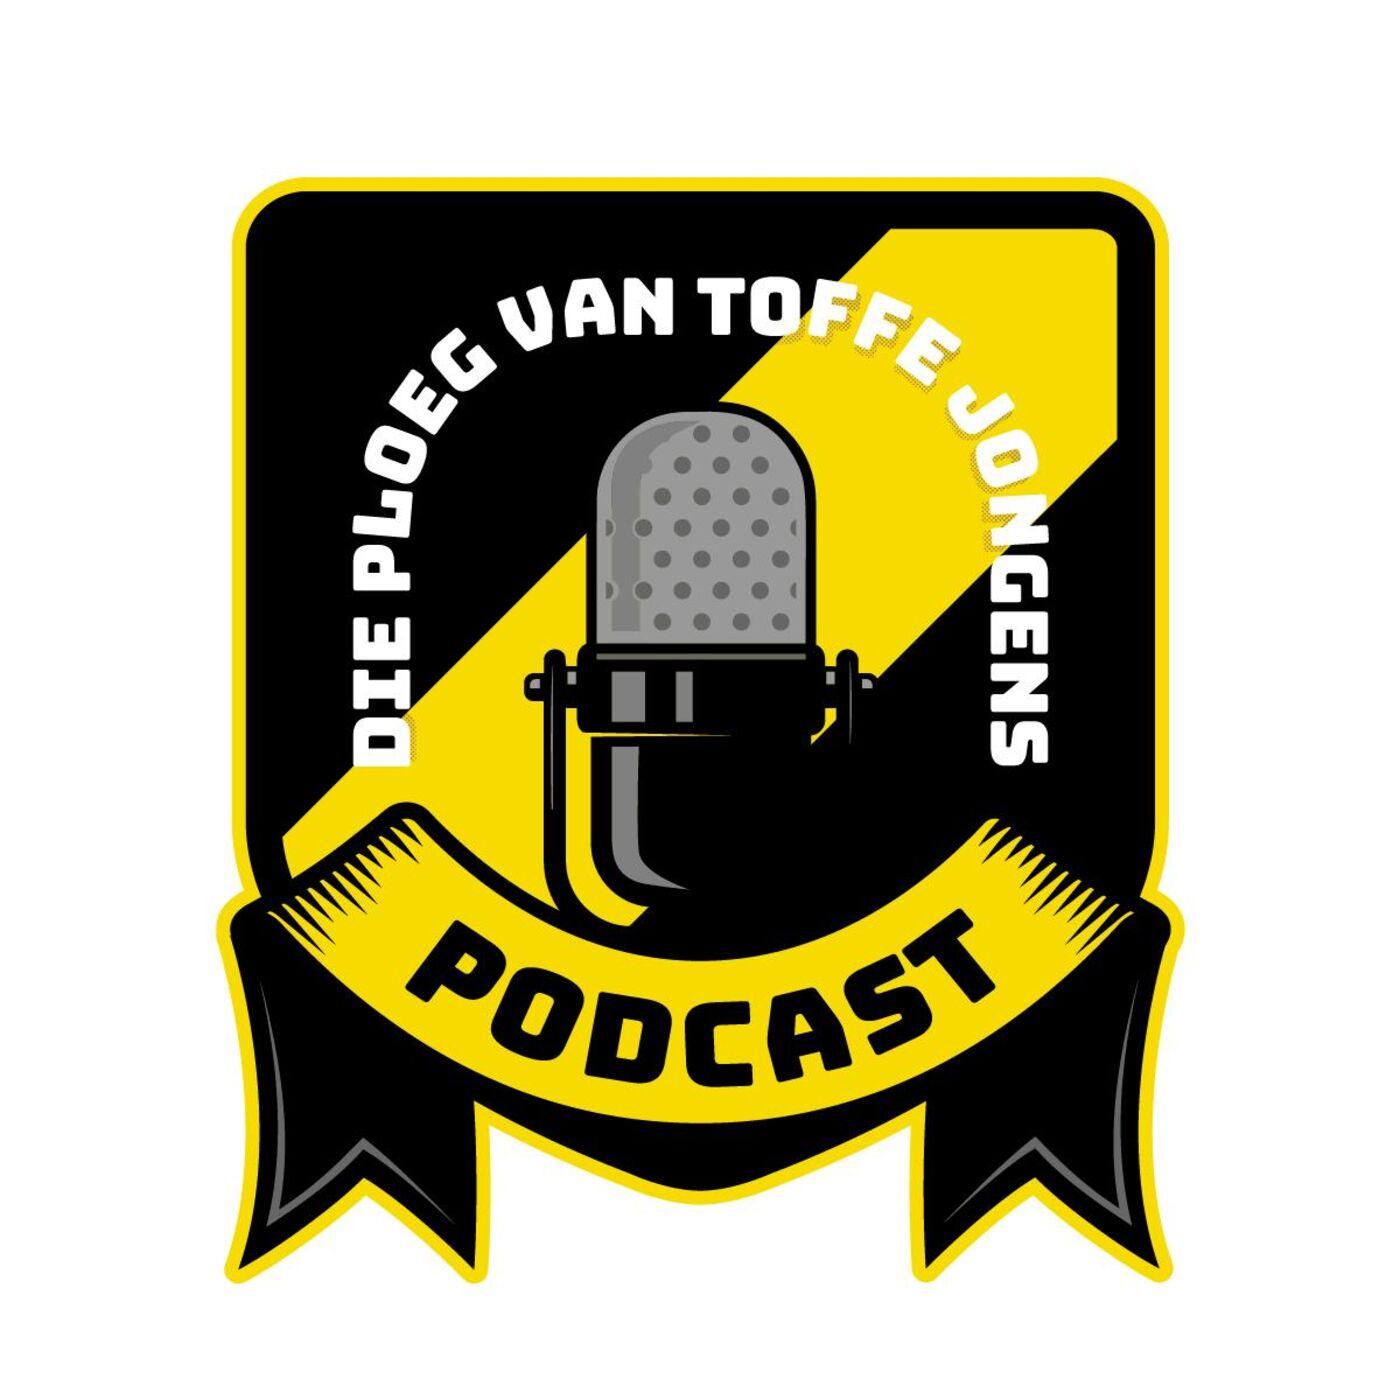 Die Ploeg Van Toffe Jongens Podcast logo